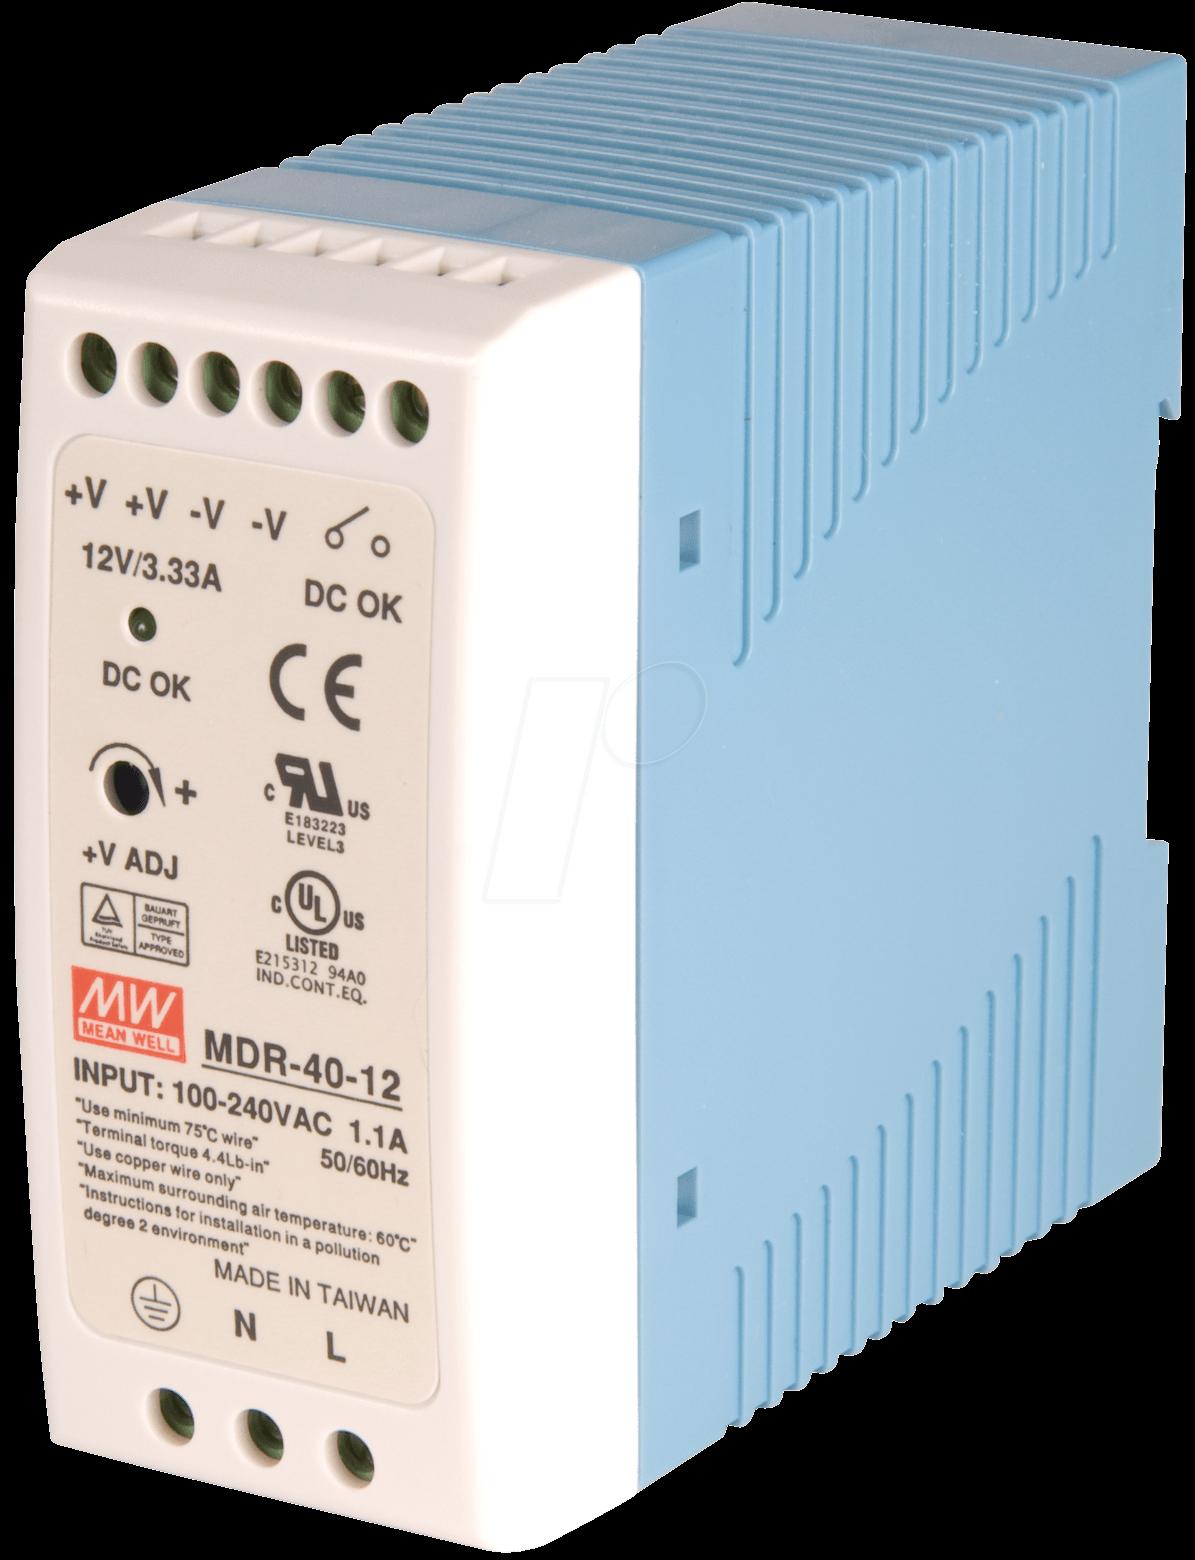 SNT MW-MDR40-12 - Schaltnetzteil, geschlossen, 12V / 3,3A / 40W